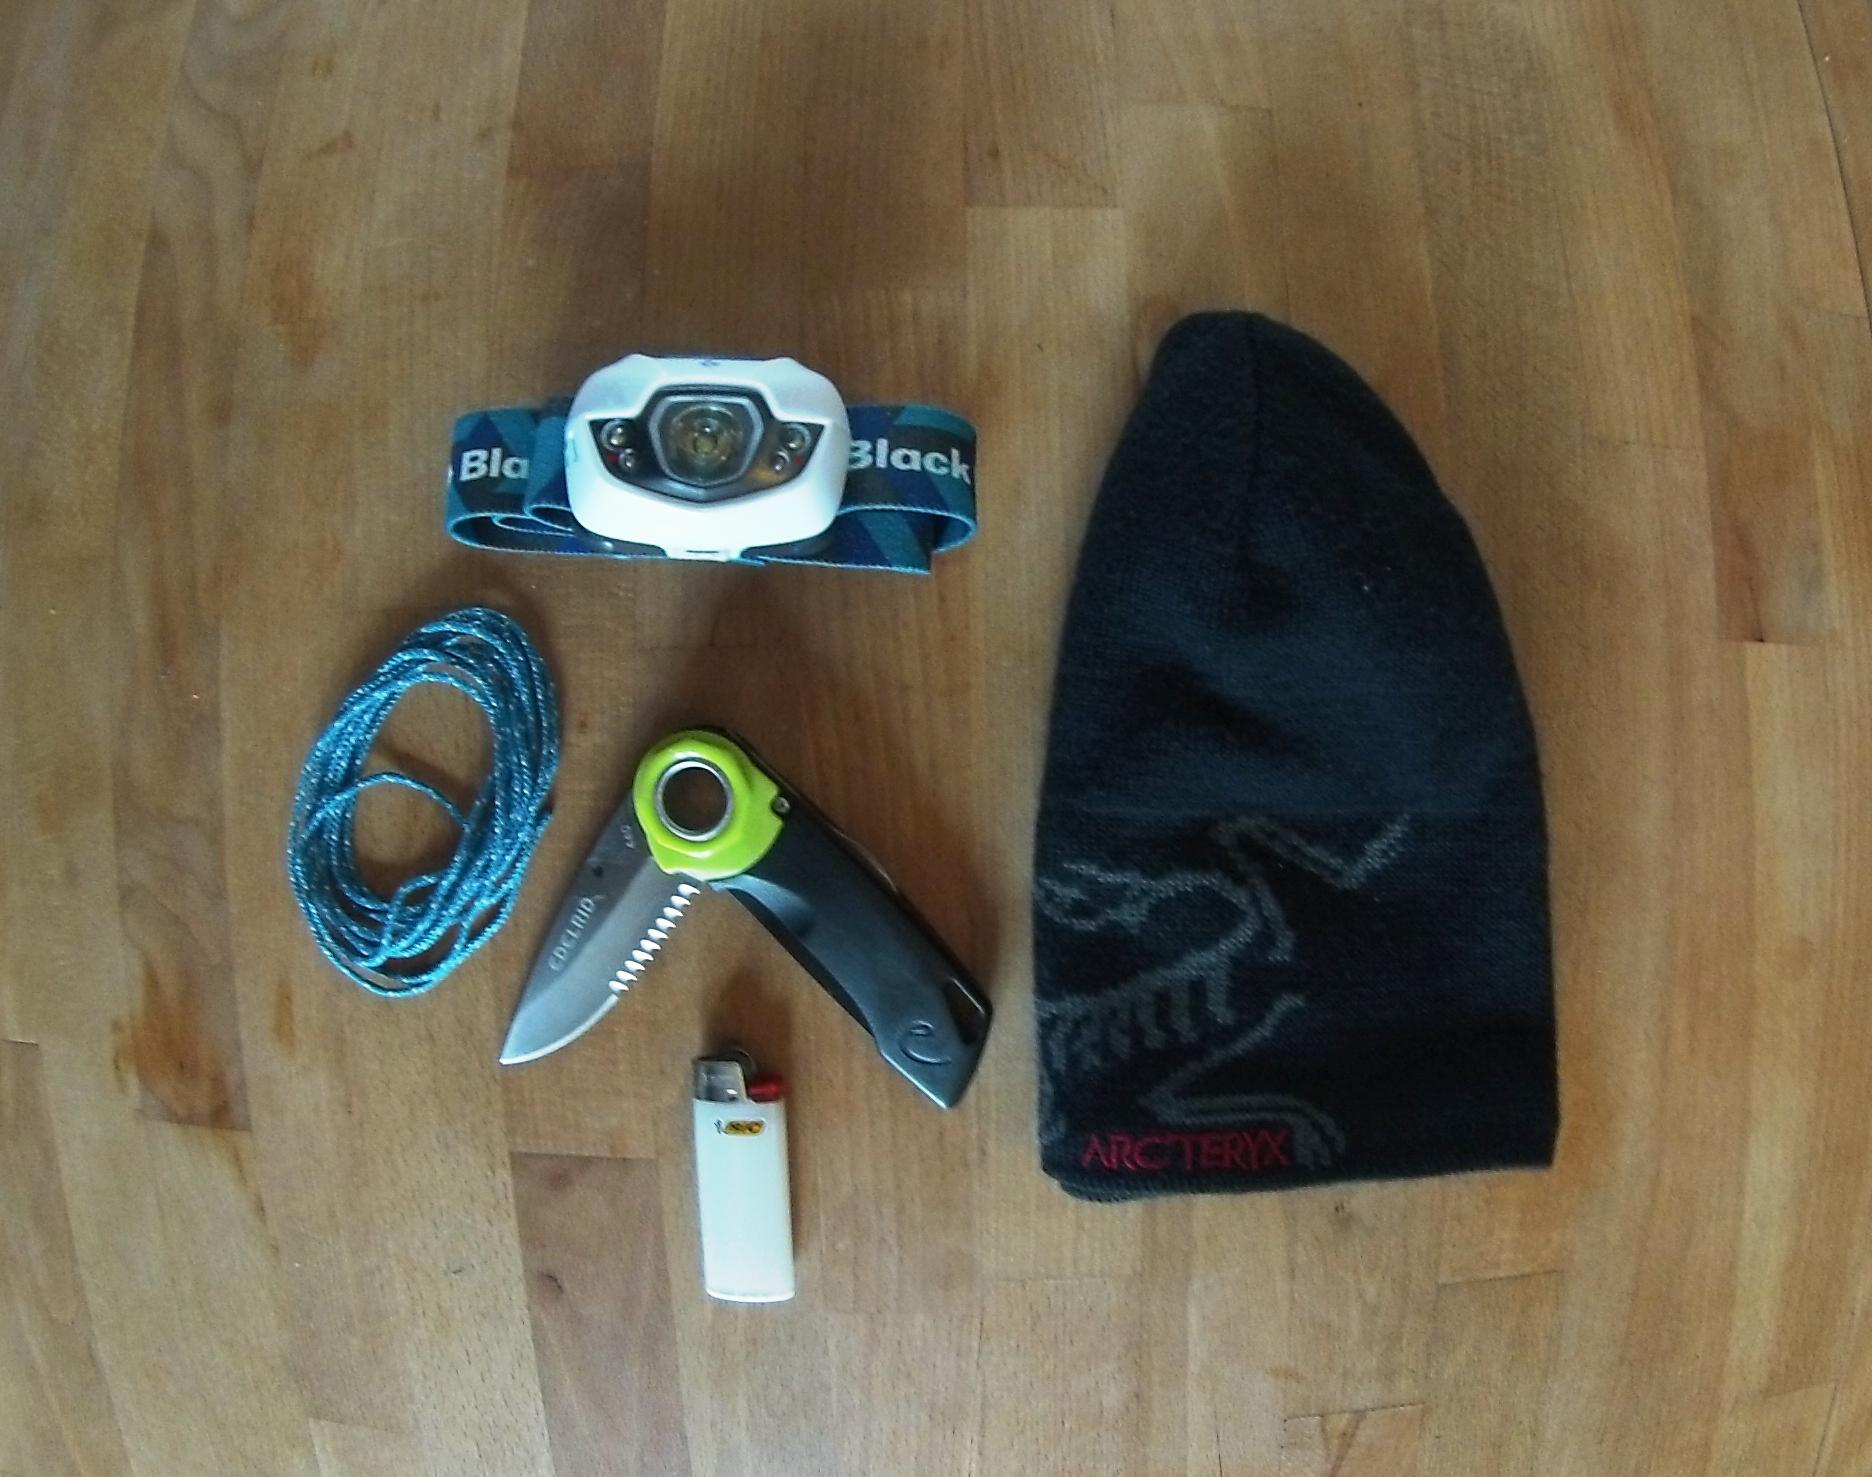 rando inside, équipements, randonnée, matériel randonnée